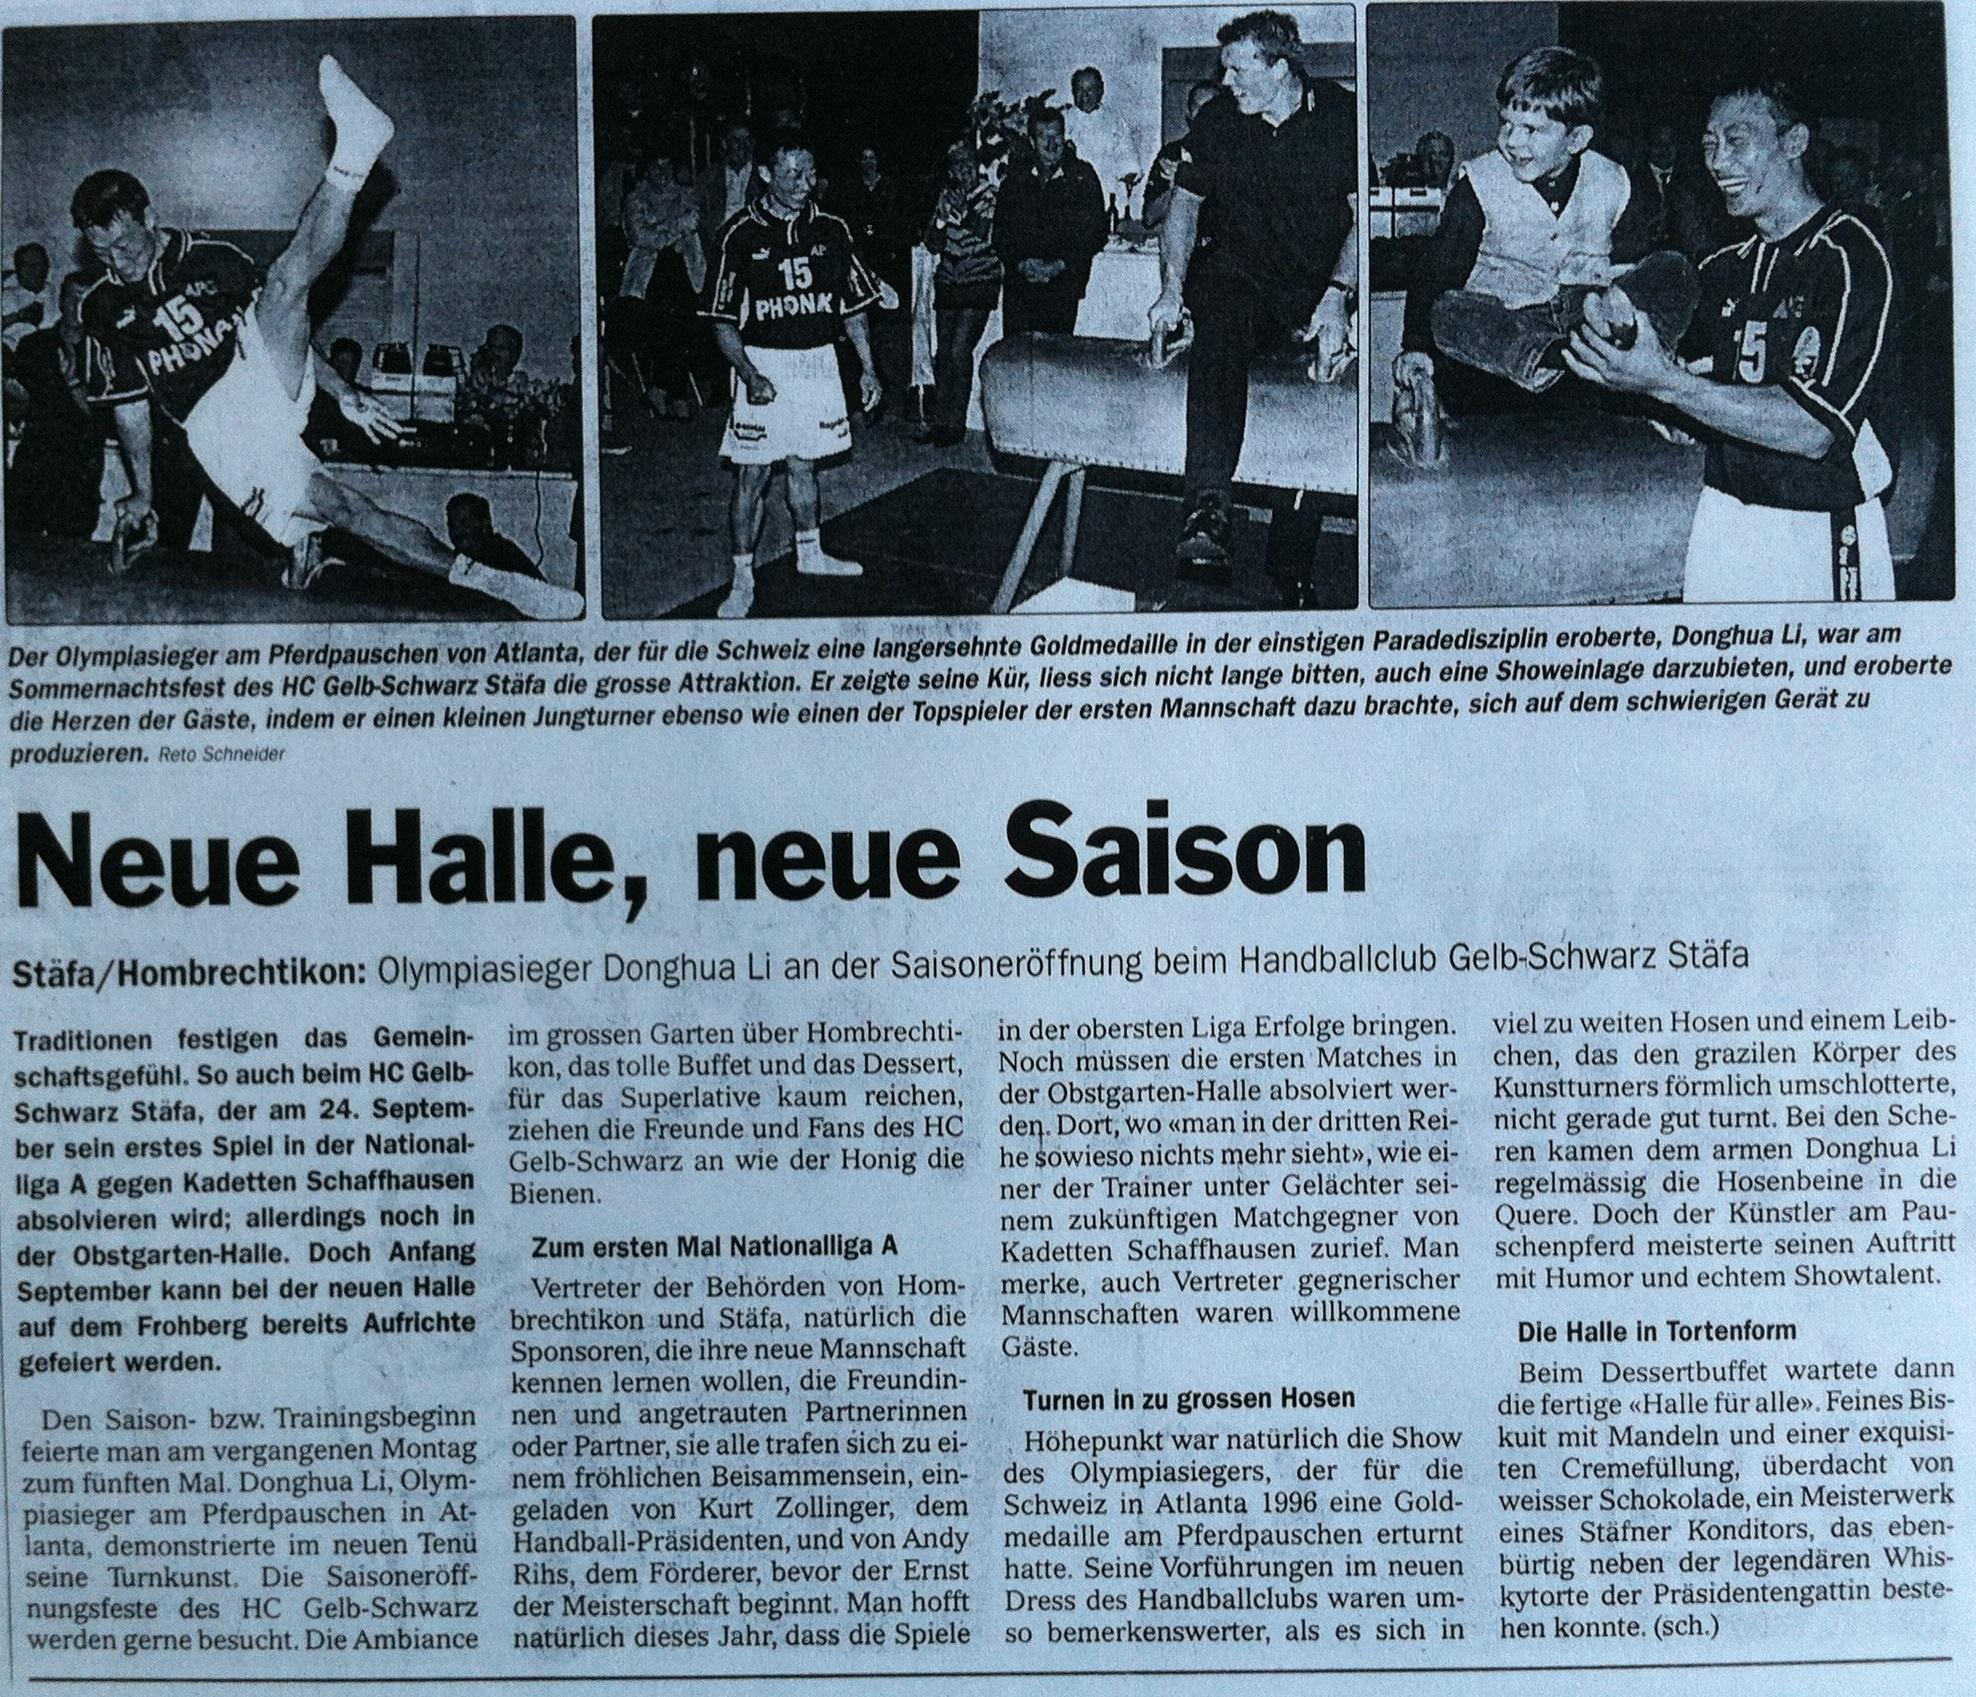 12_Neue Halle neue Saison